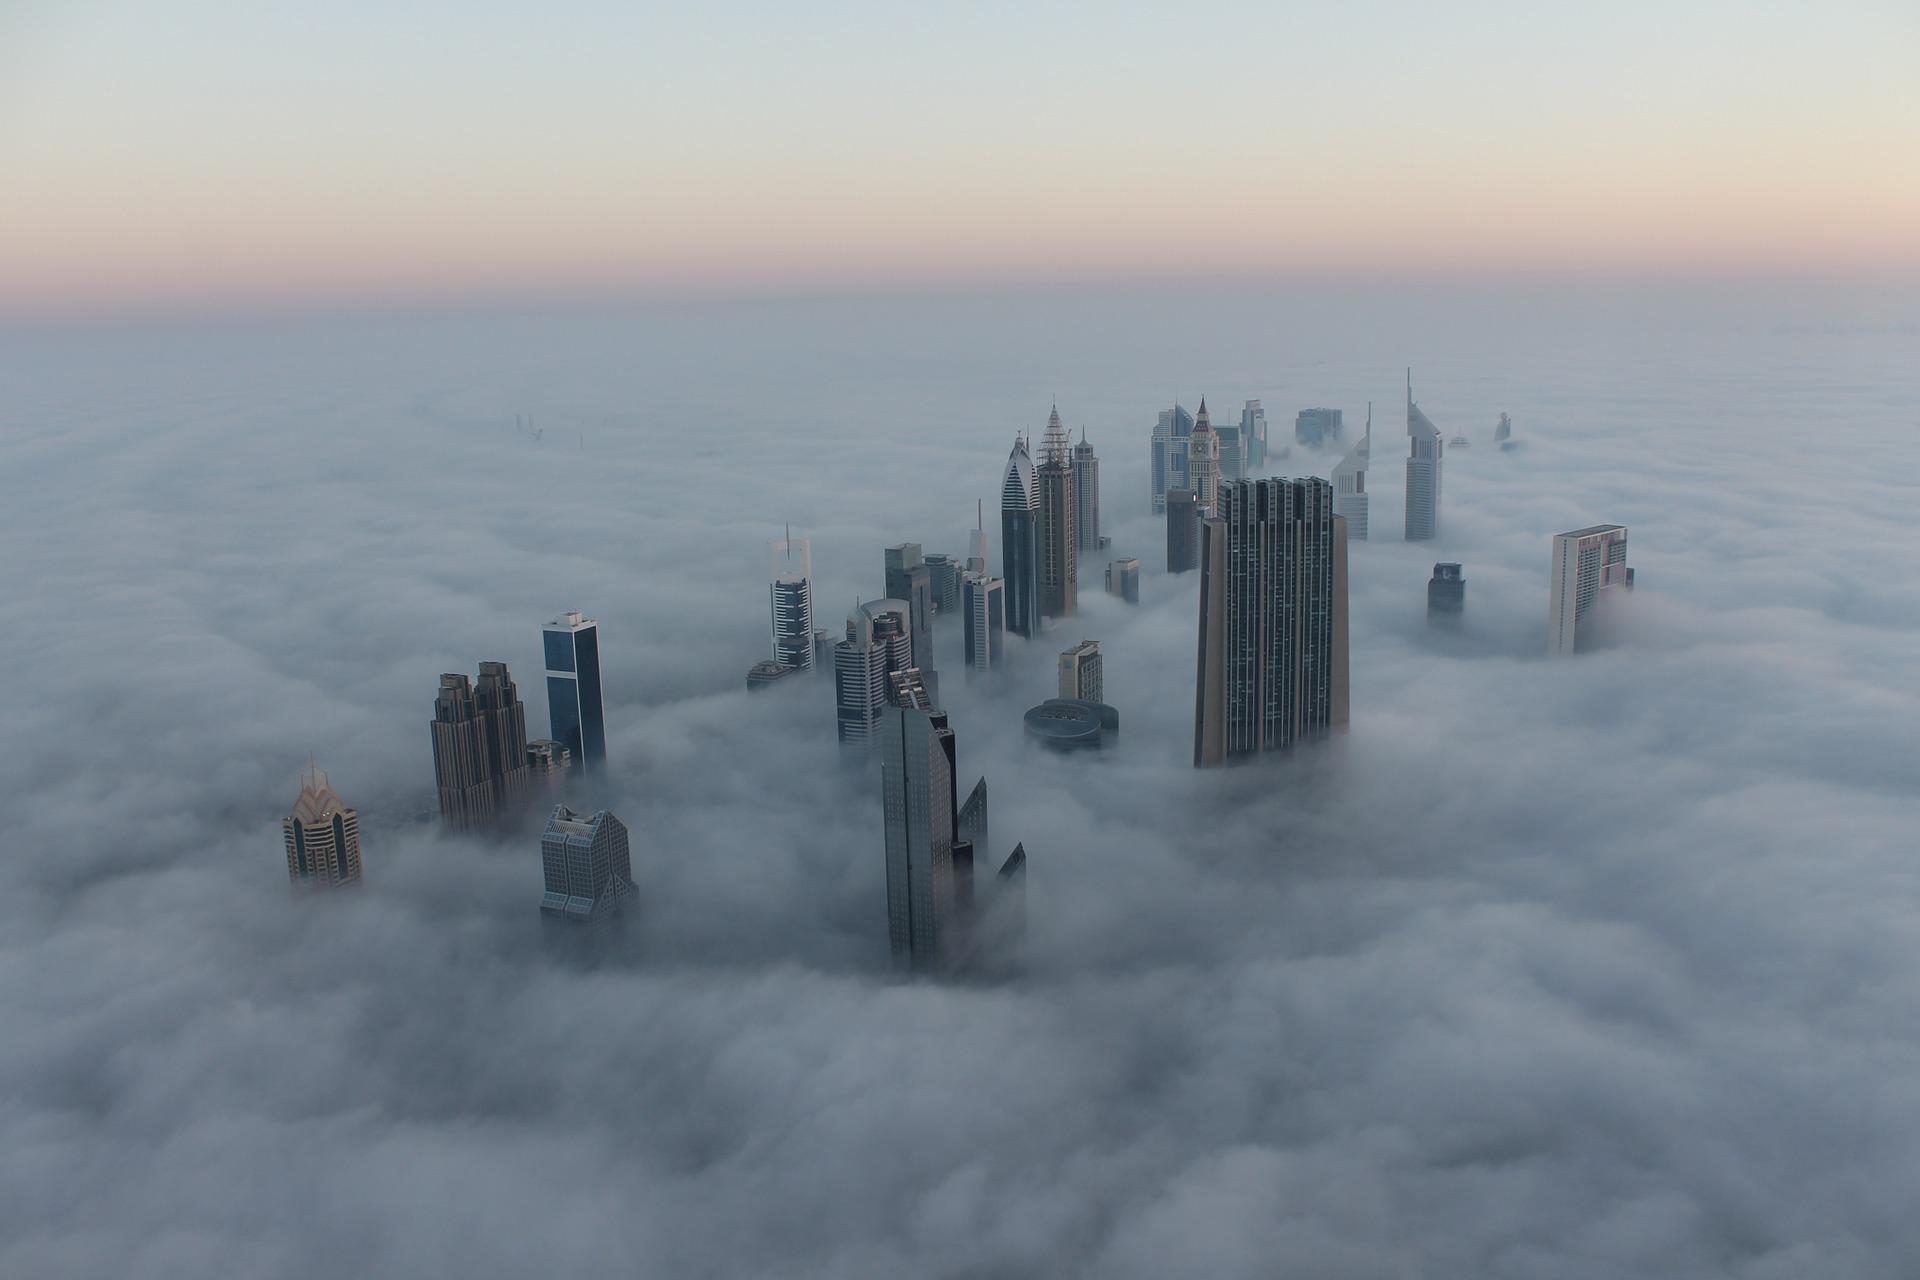 Legalizzazione consolare dei documenti Russi per gli Emirati Arabi Uniti nel 2020